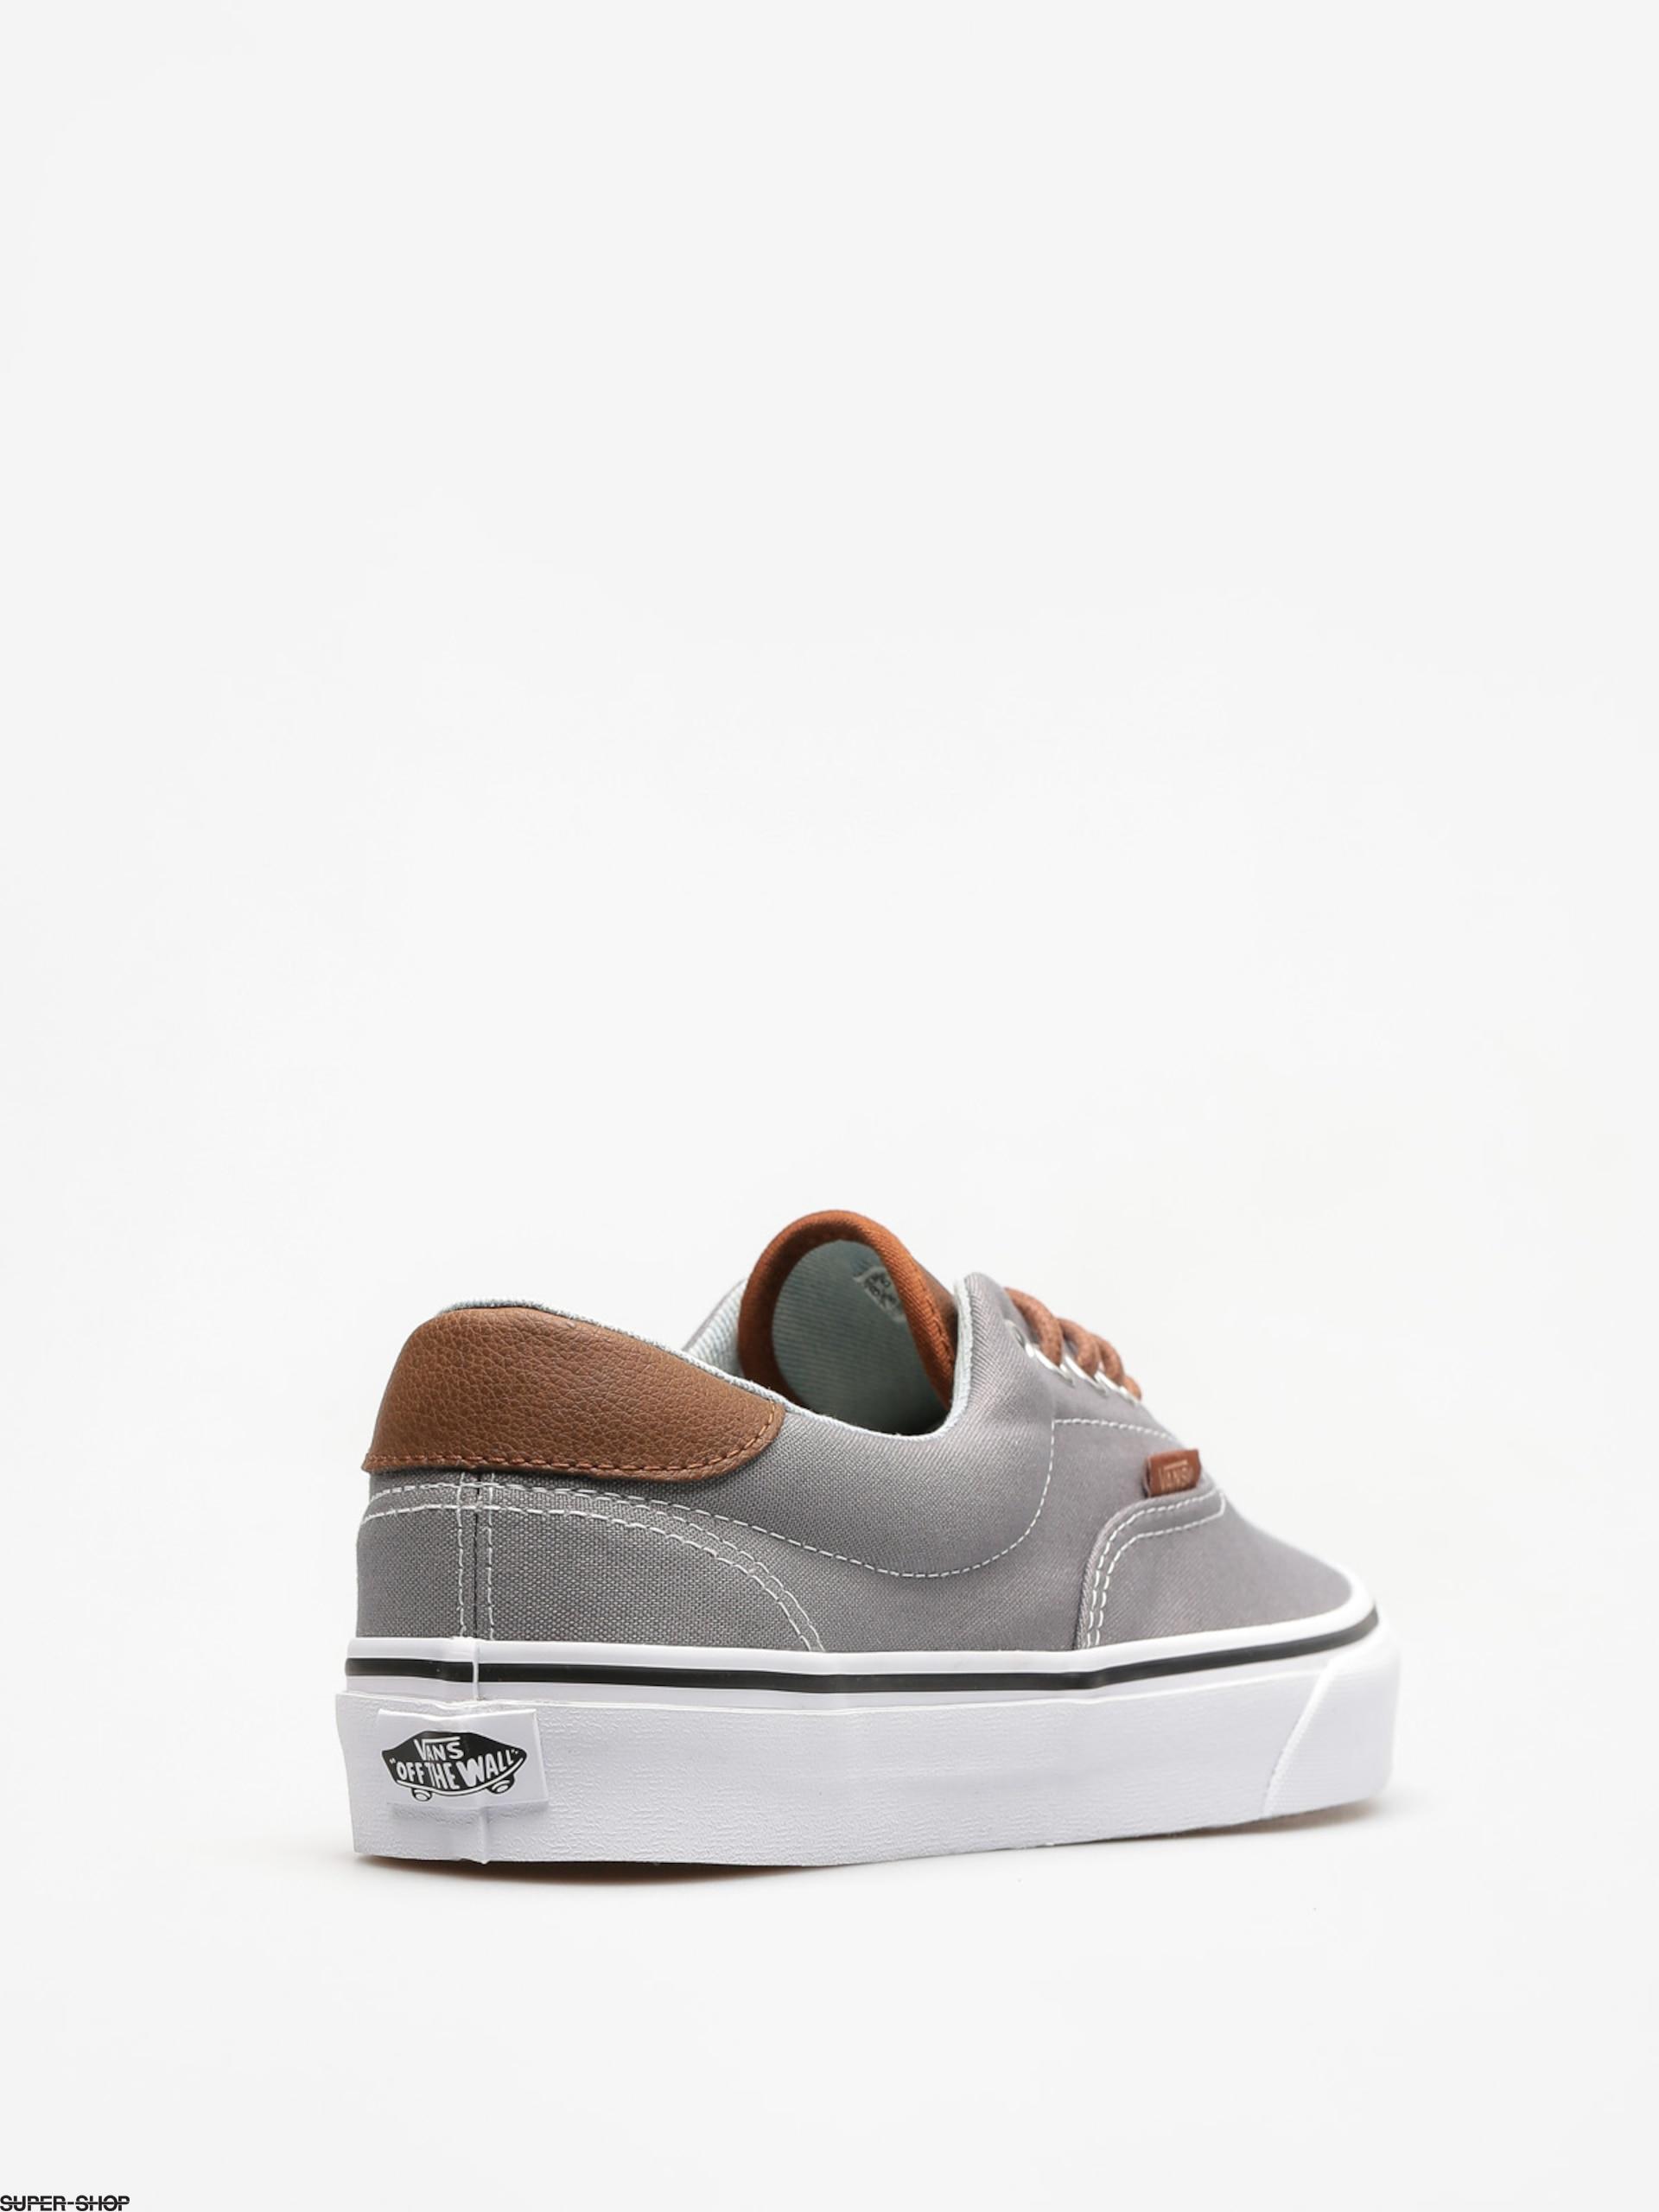 b83e0fd0409aed Vans Shoes Era 59 (c l frost gray acid denim)